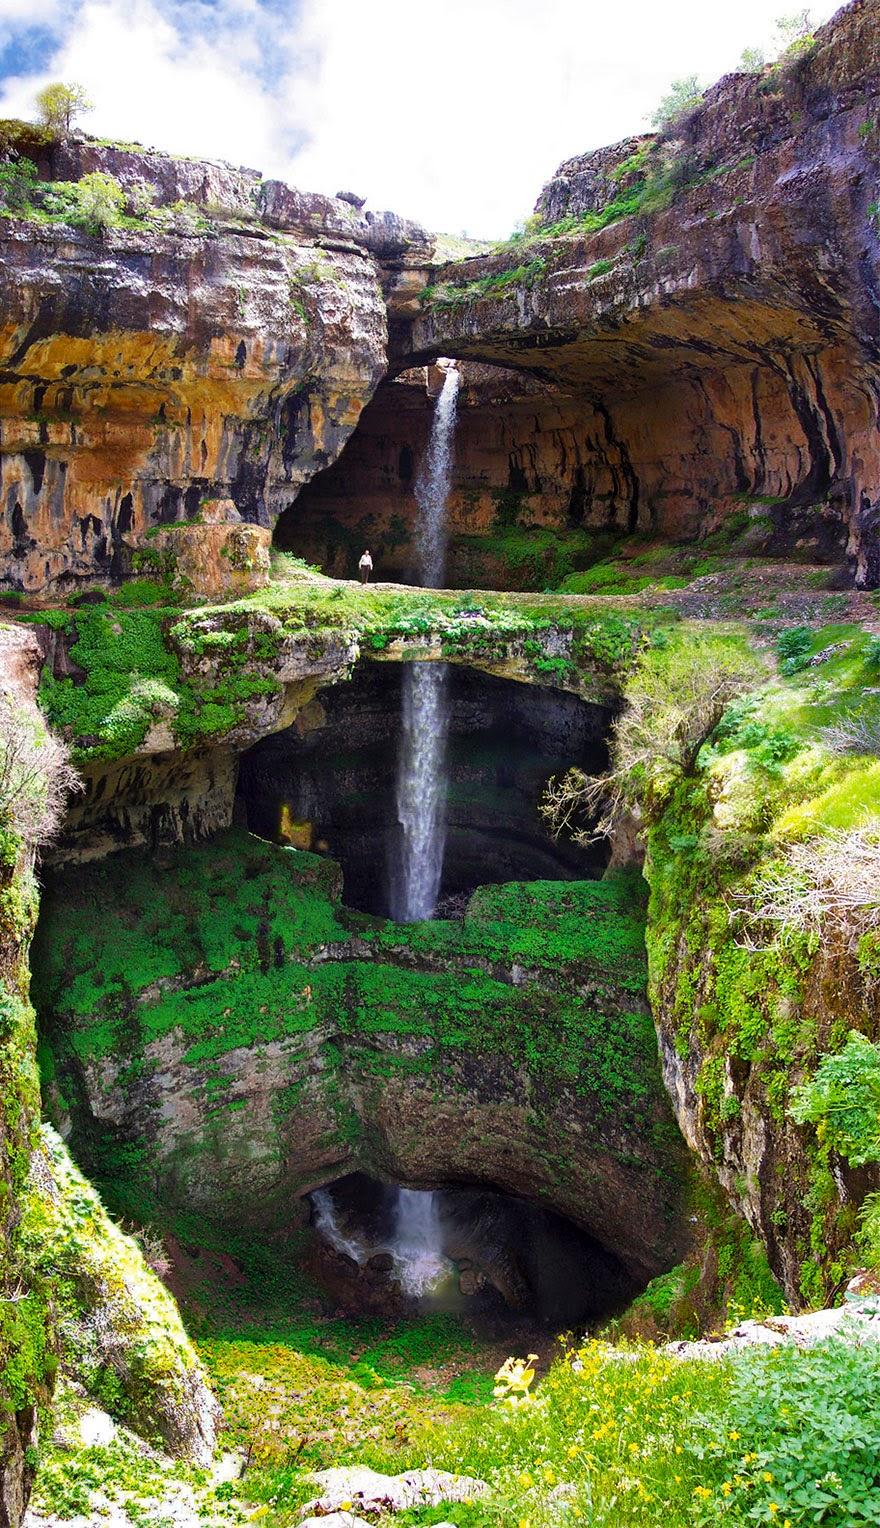 Air terjun Lurah Baatara di Tannourine, Lubnan terhasil daripada hakisan airbatu cair yang melalui batu kapur berjuta-juta tahun dahulu.